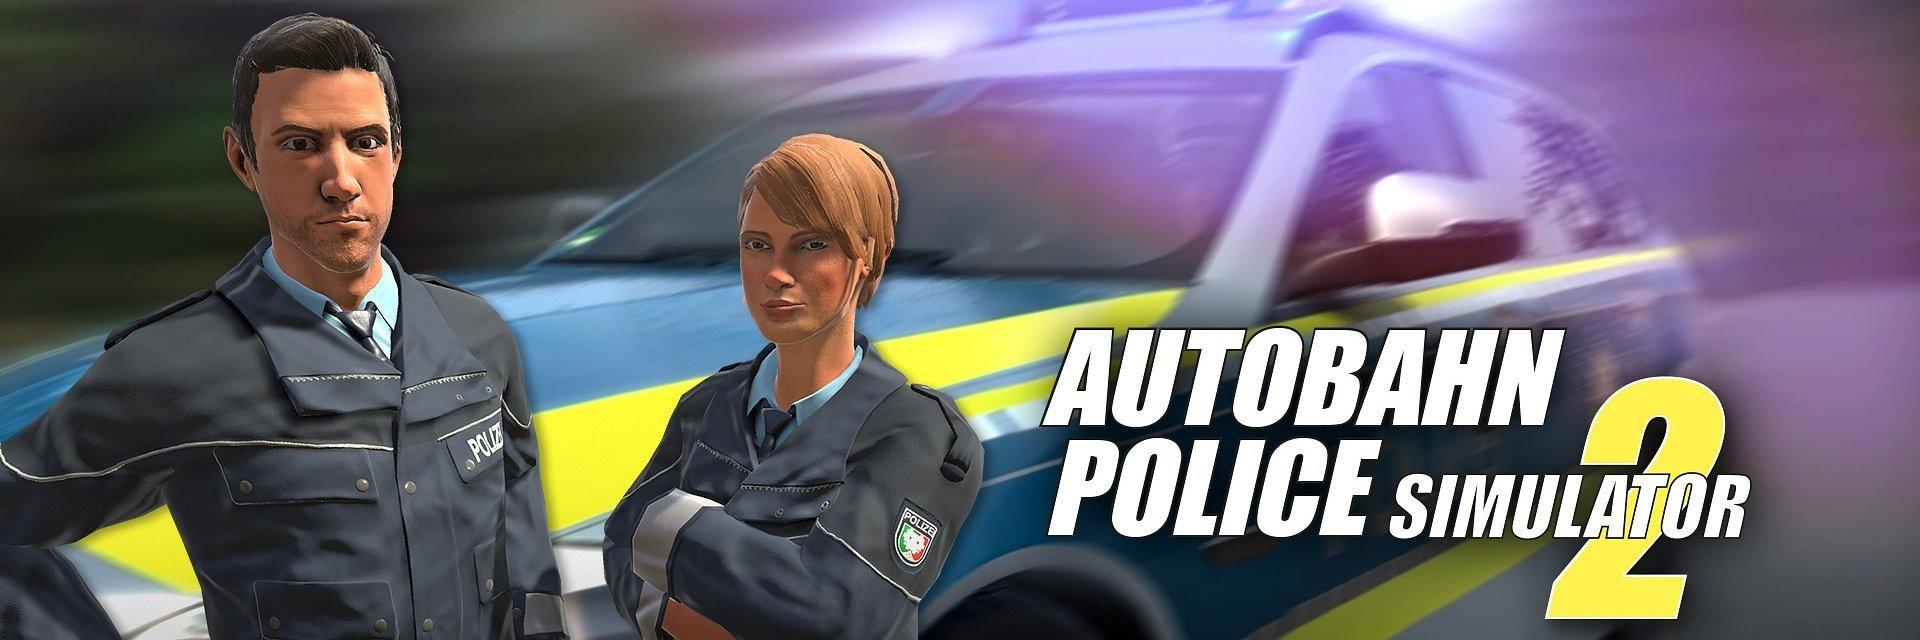 Autobahn Police Simulator 2 już dostępny na Xbox One